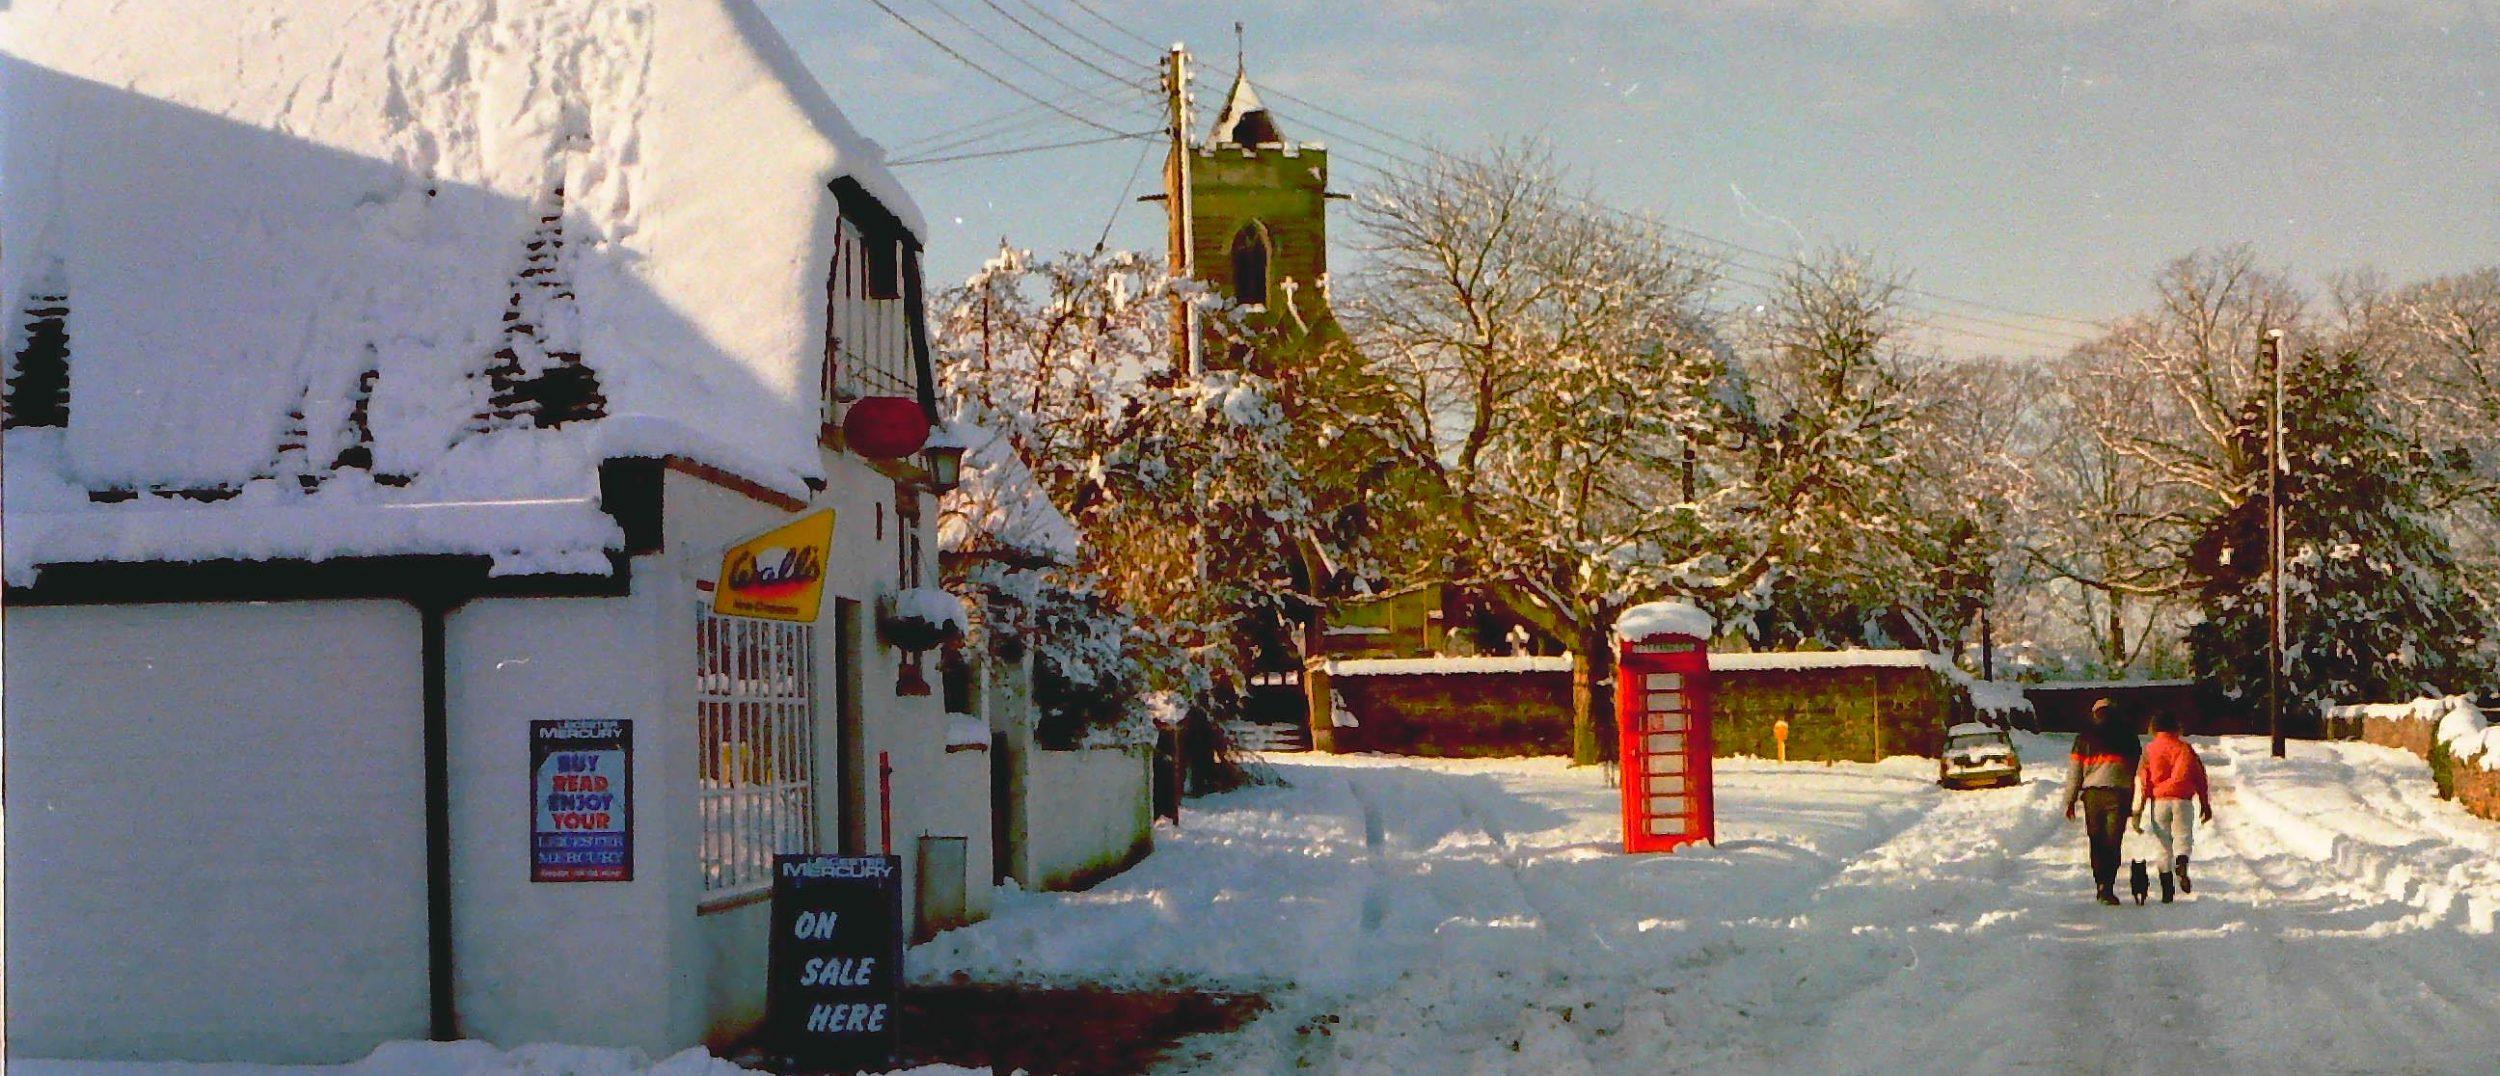 Ashwell in Rutland